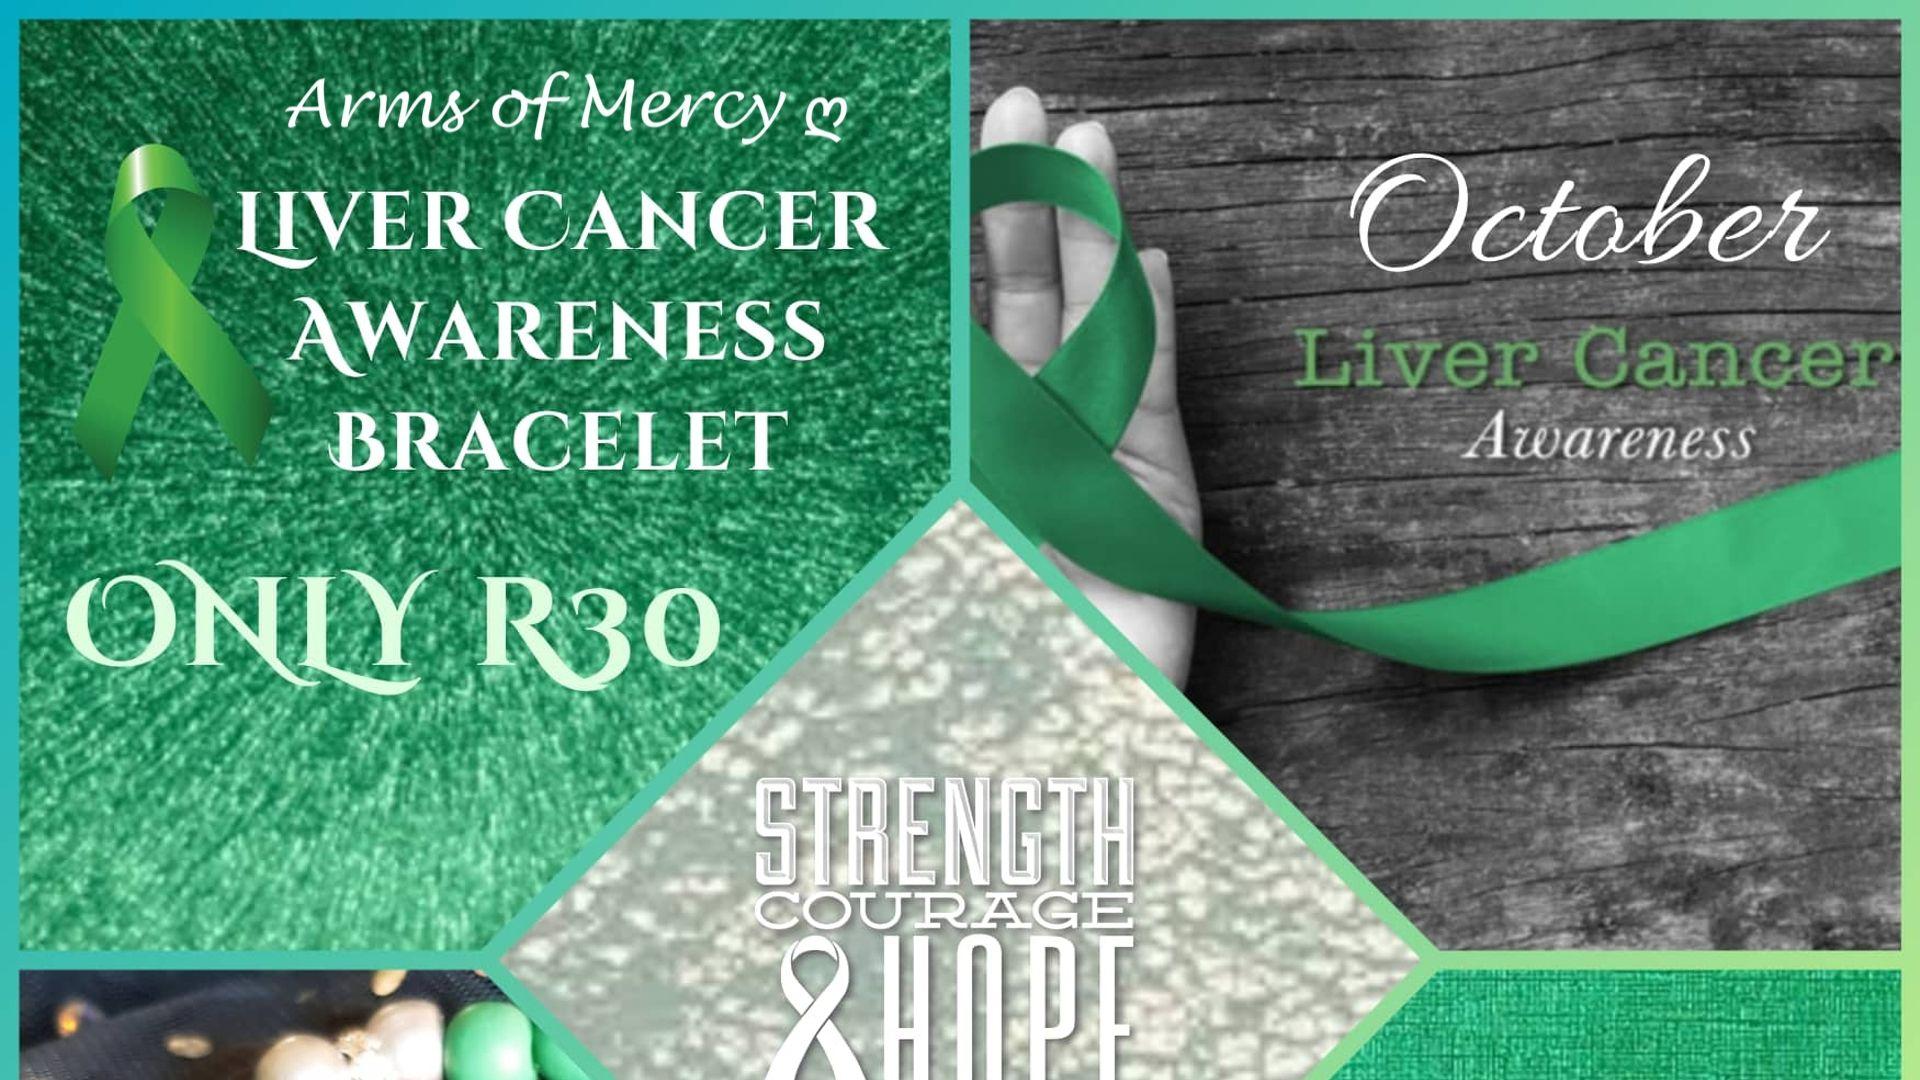 Liver Cancer Awareness Month - Liver Cancer Awareness Bracelet © Arms of Mercy NPC